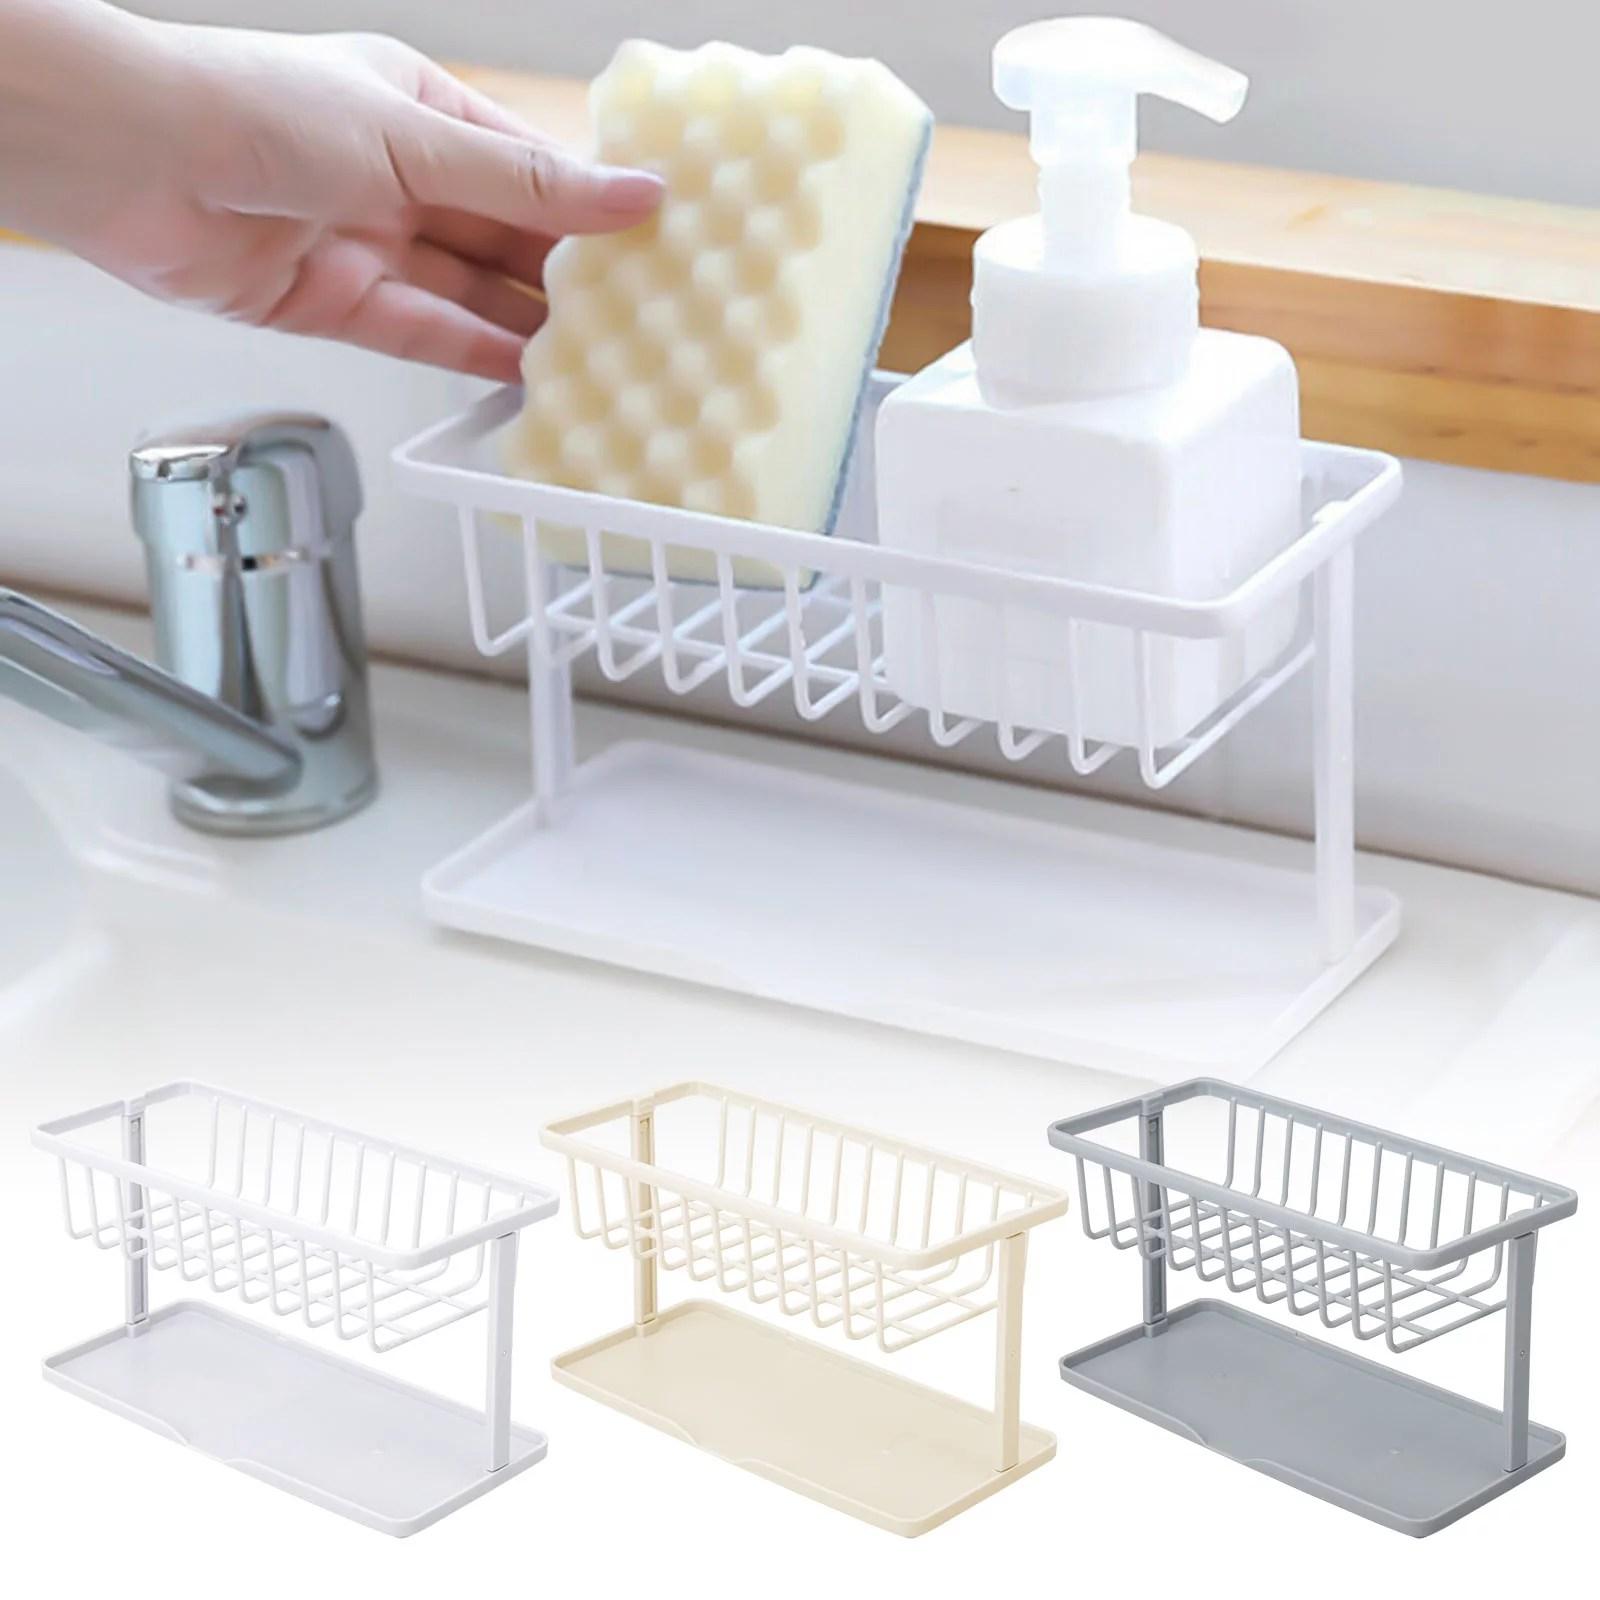 sponge holder for kitchen sink eeekit kitchen sink caddy abs plastic kitchen sink sponge brush holder organizer for soap dishwashing liquid drainer